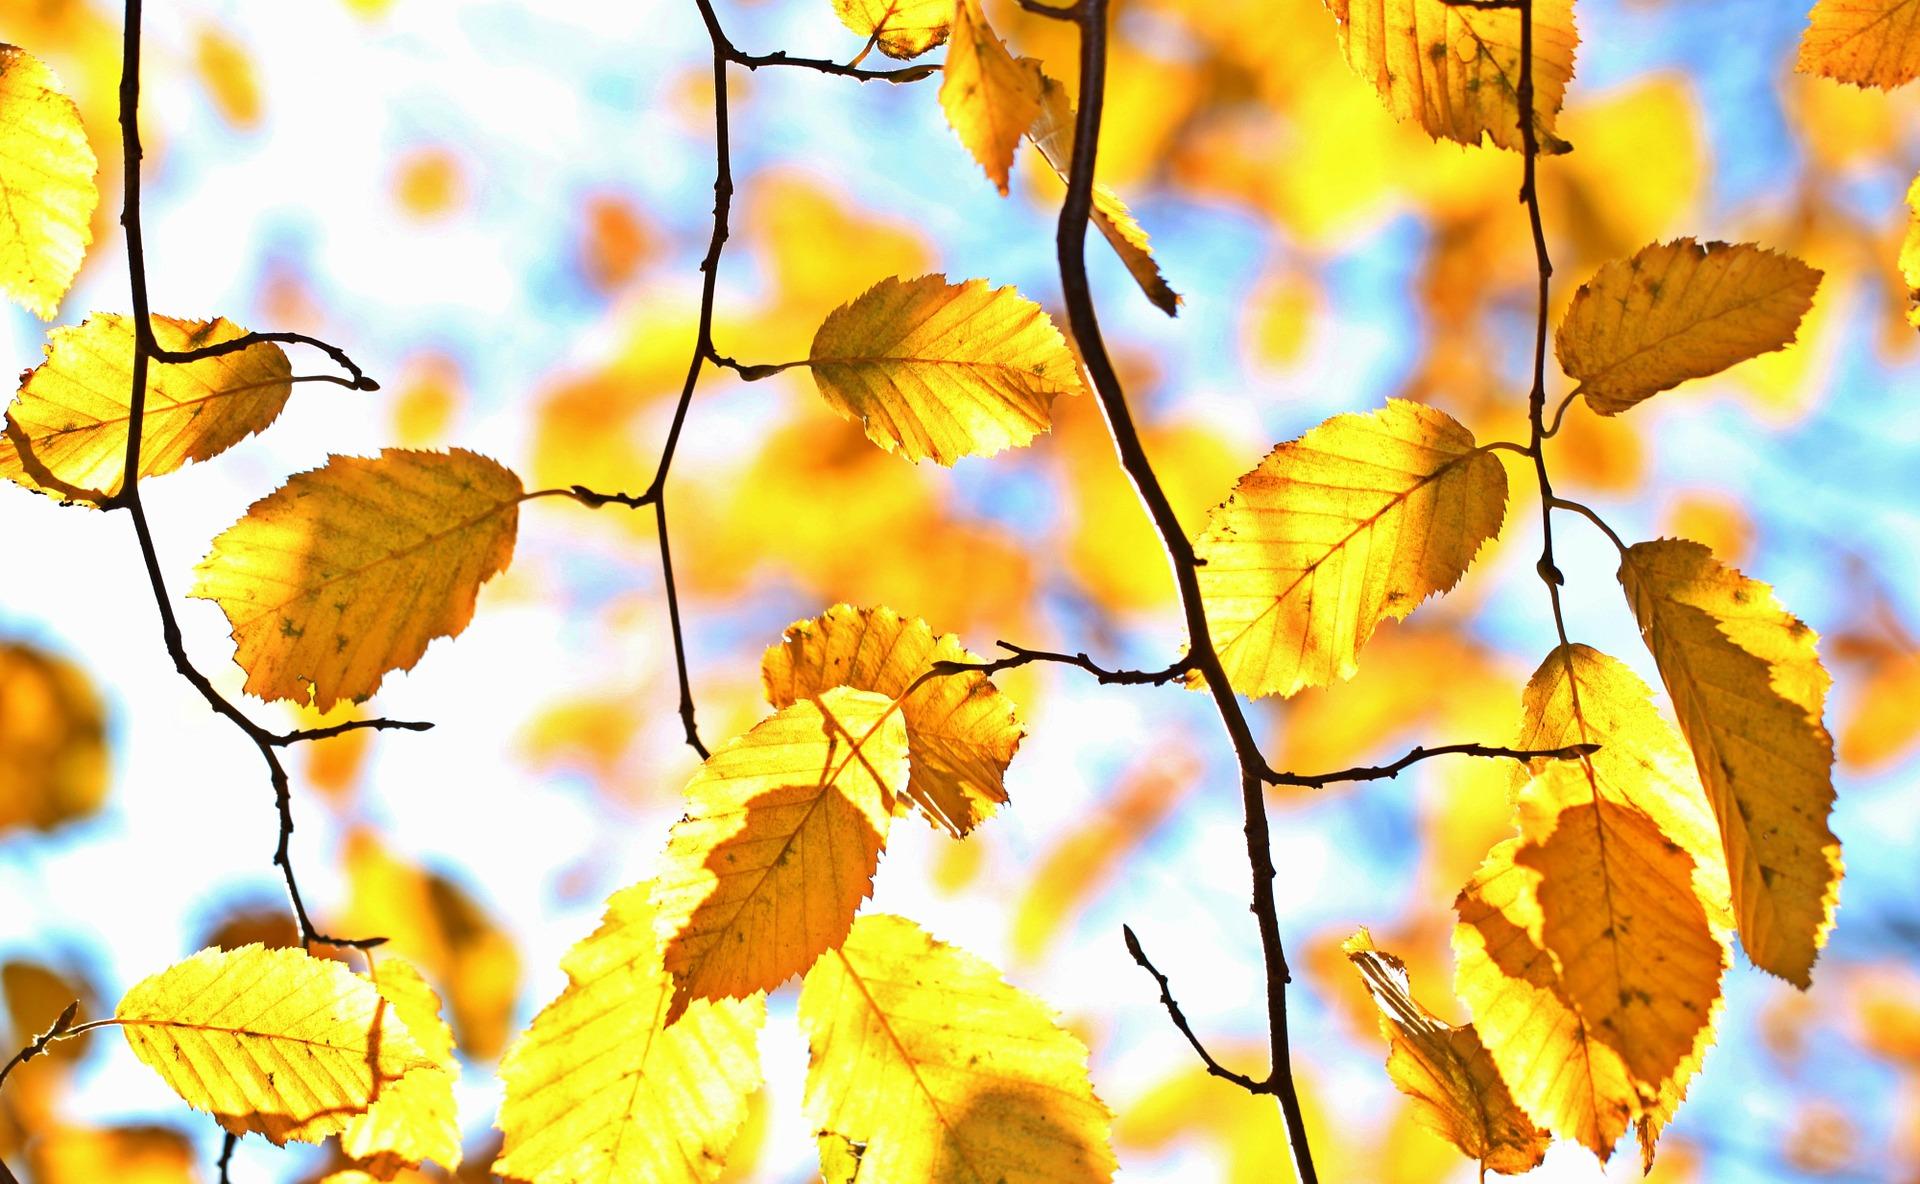 autumn-1042346_1920.jpg